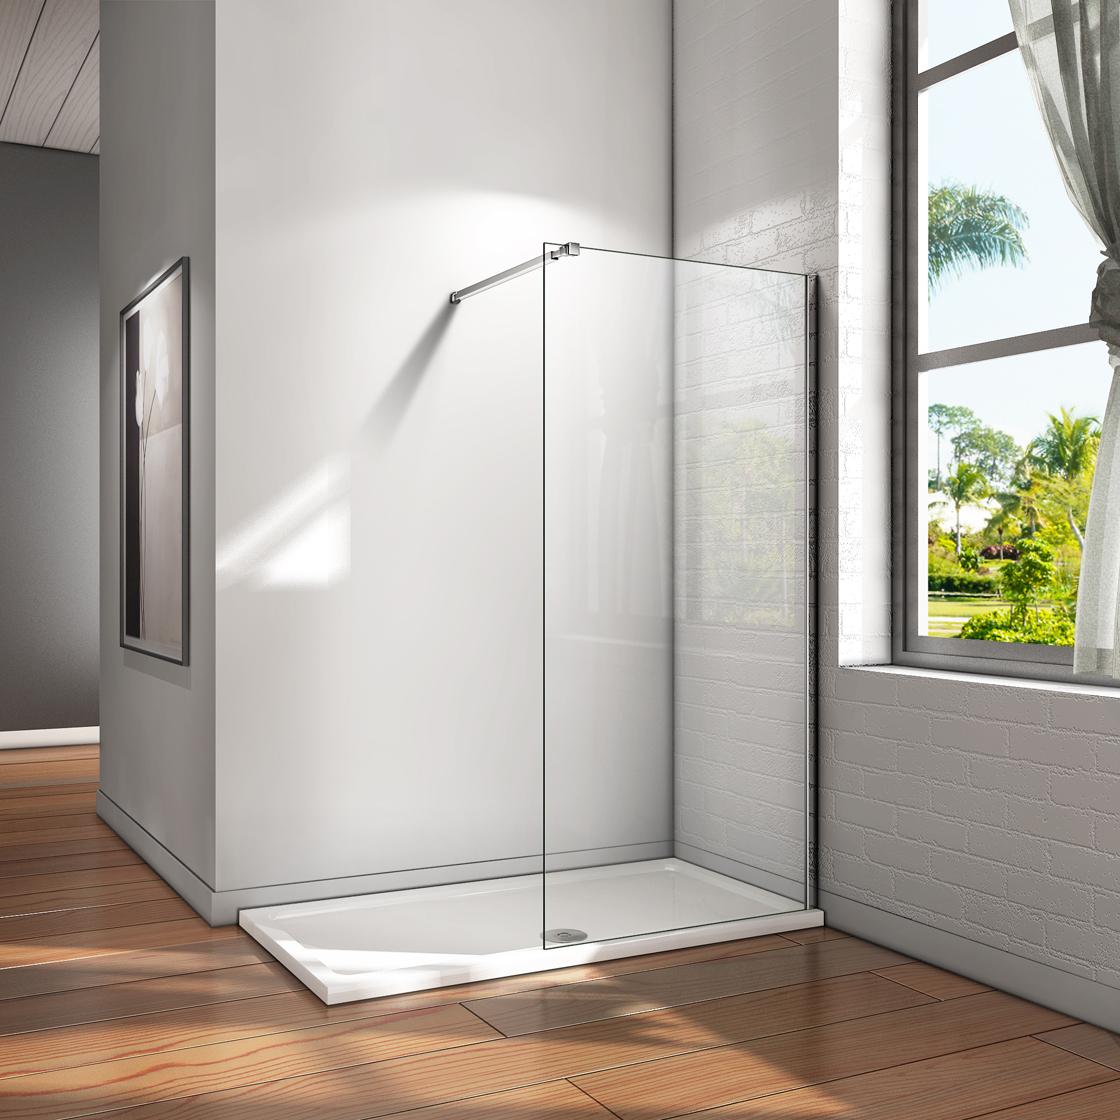 Full Size of Glaswand Dusche 10mm Walk In Duschwand Esg Nano Glas Duschkabine Bodengleiche Duschen Badewanne Mit Tür Und Einhebelmischer Begehbare Fliesen Rainshower Dusche Glaswand Dusche